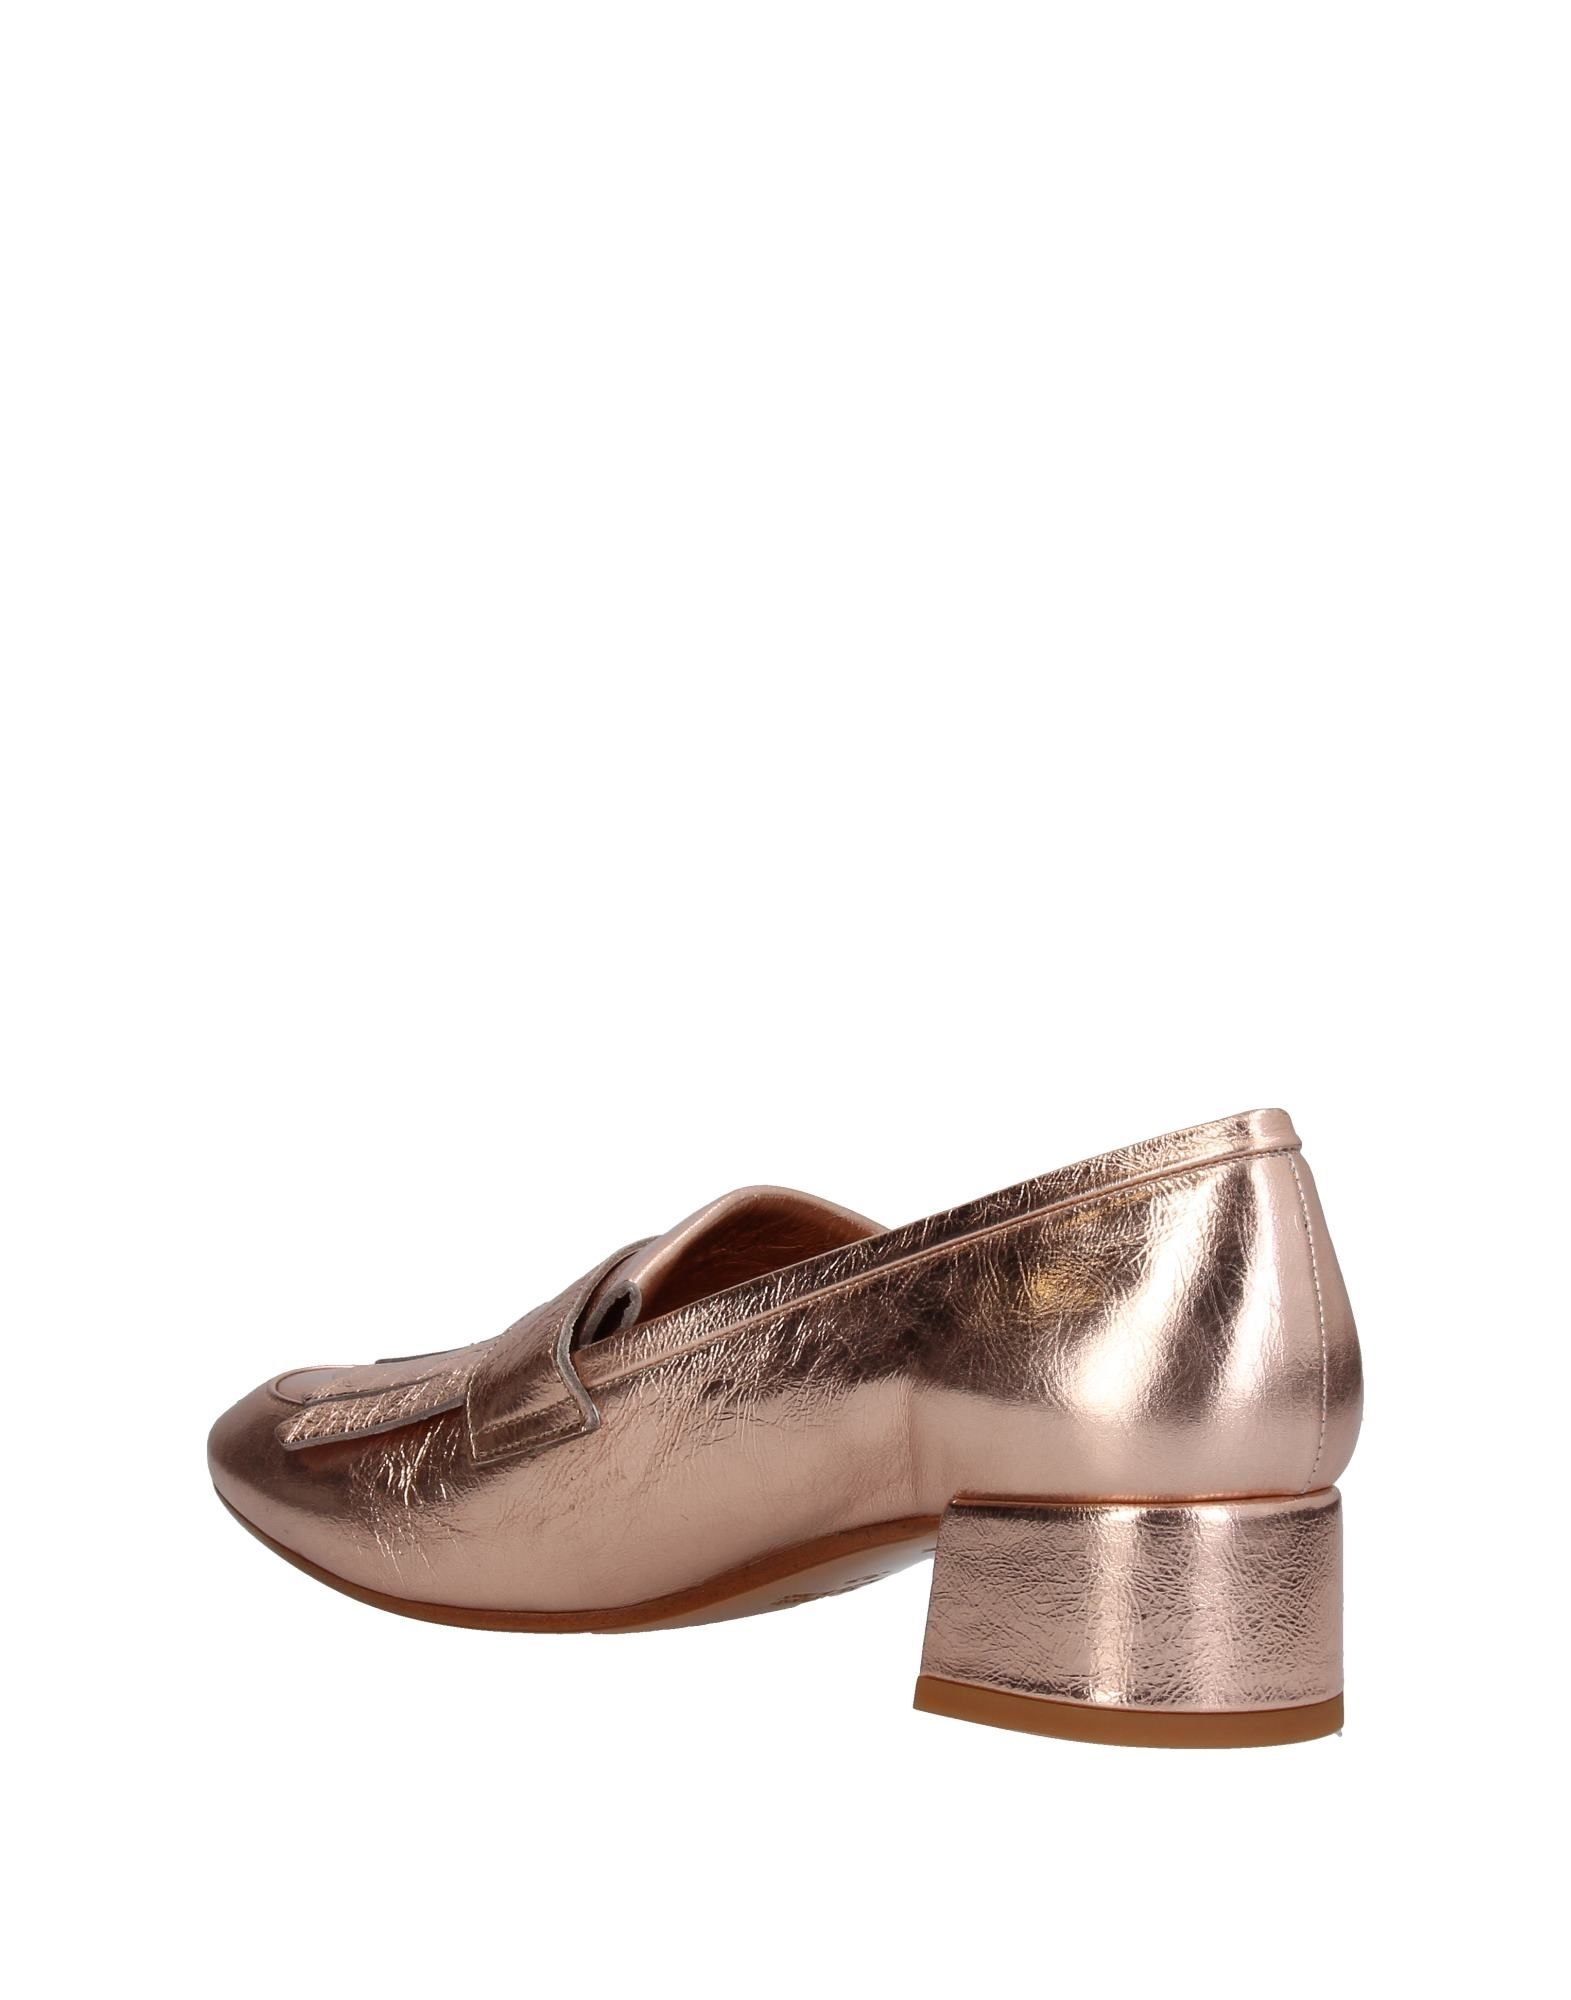 Rebecca Balducci Mokassins Damen  11362553DC Gute Qualität beliebte Schuhe